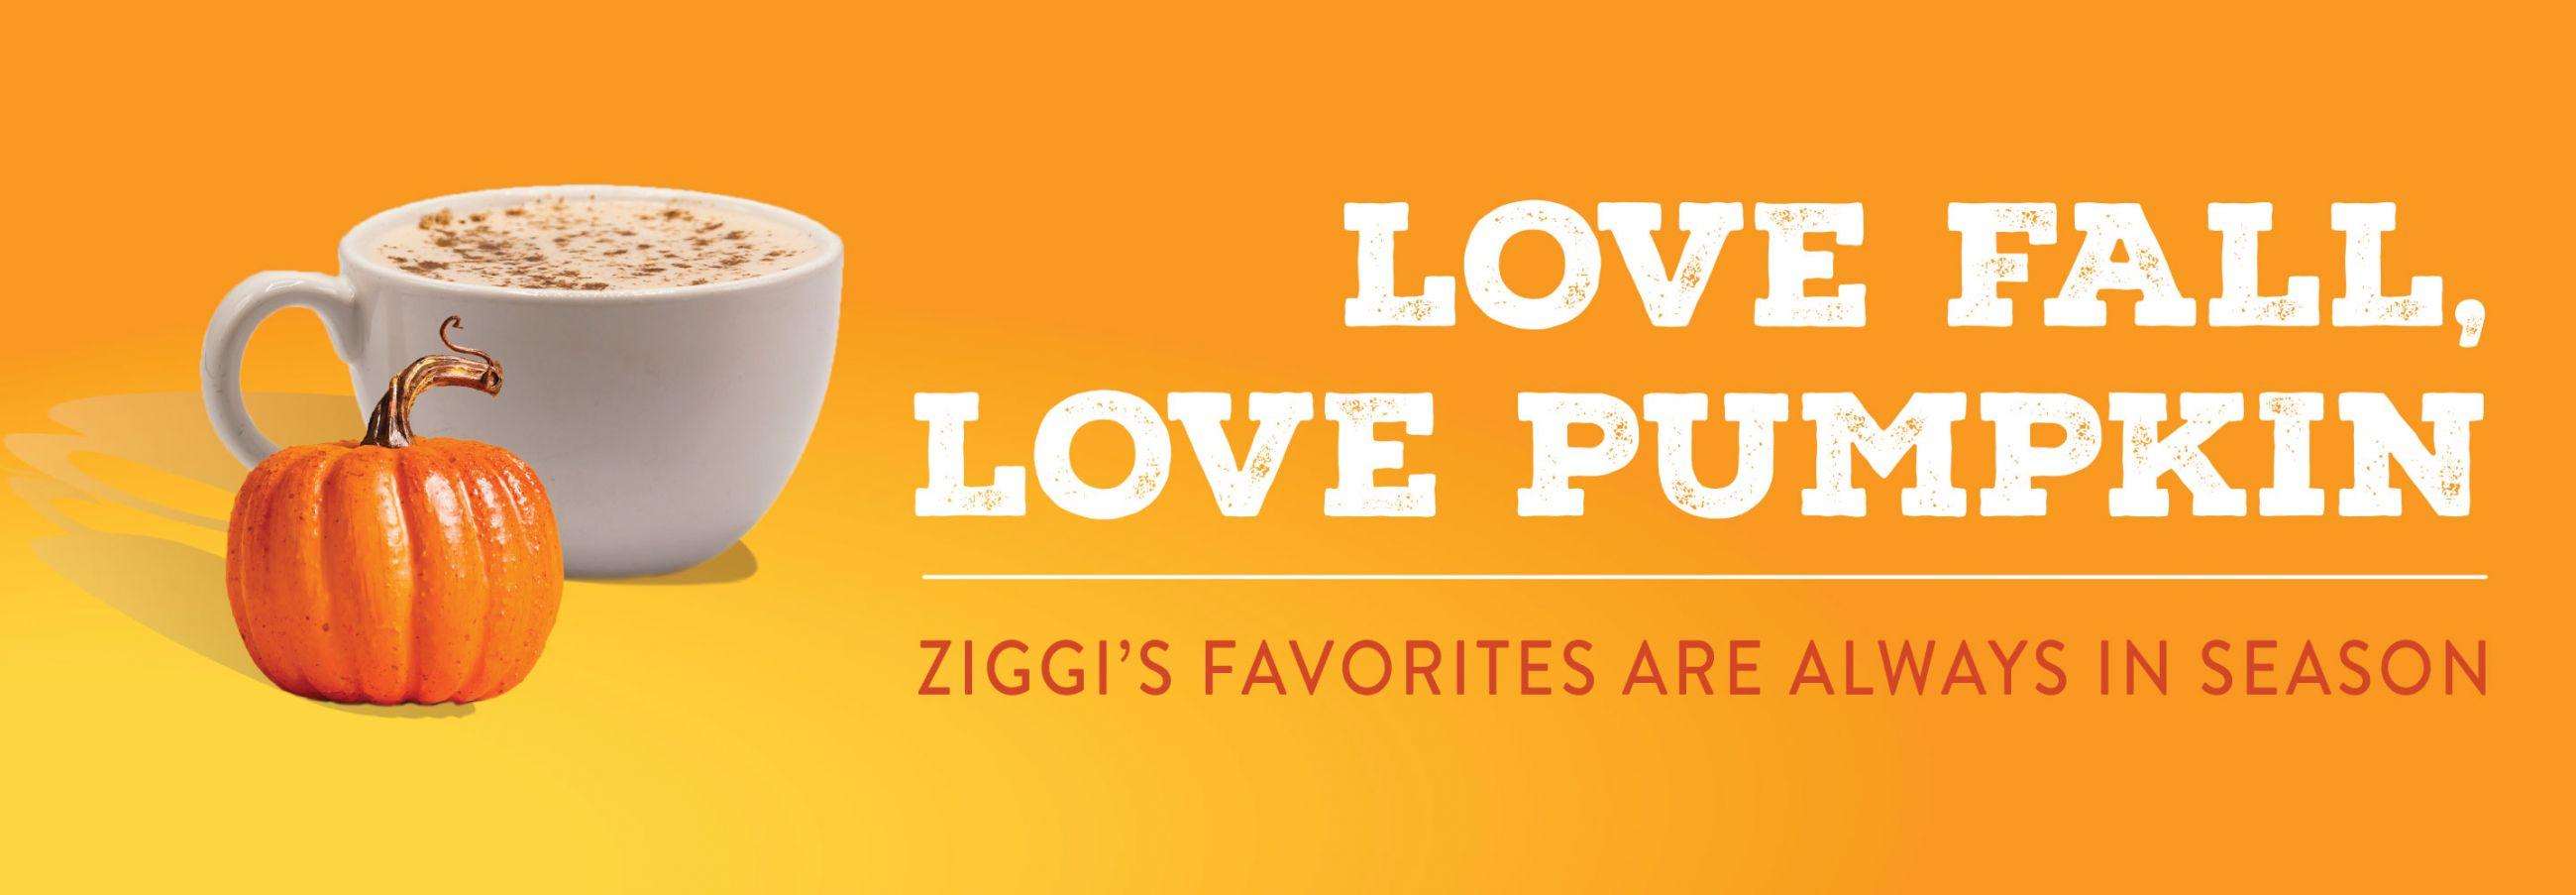 Love fall, love pumpkin | Photo of Spicy Pumpkin Chai in a mug